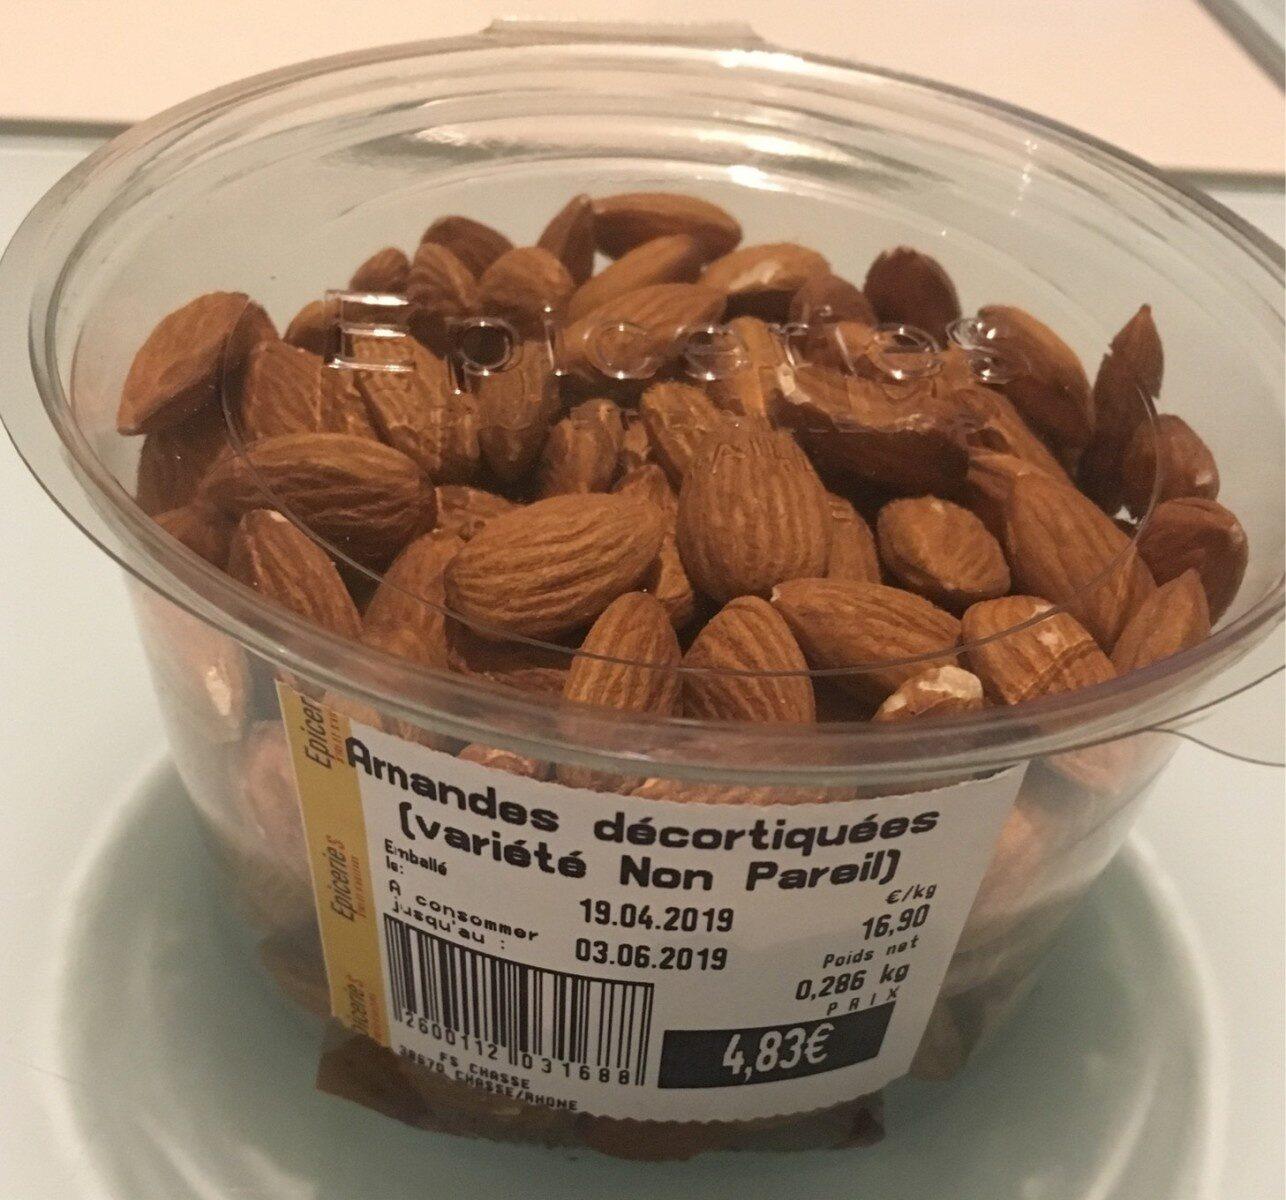 Amandes décortiquées (variété non pareil) - Produit